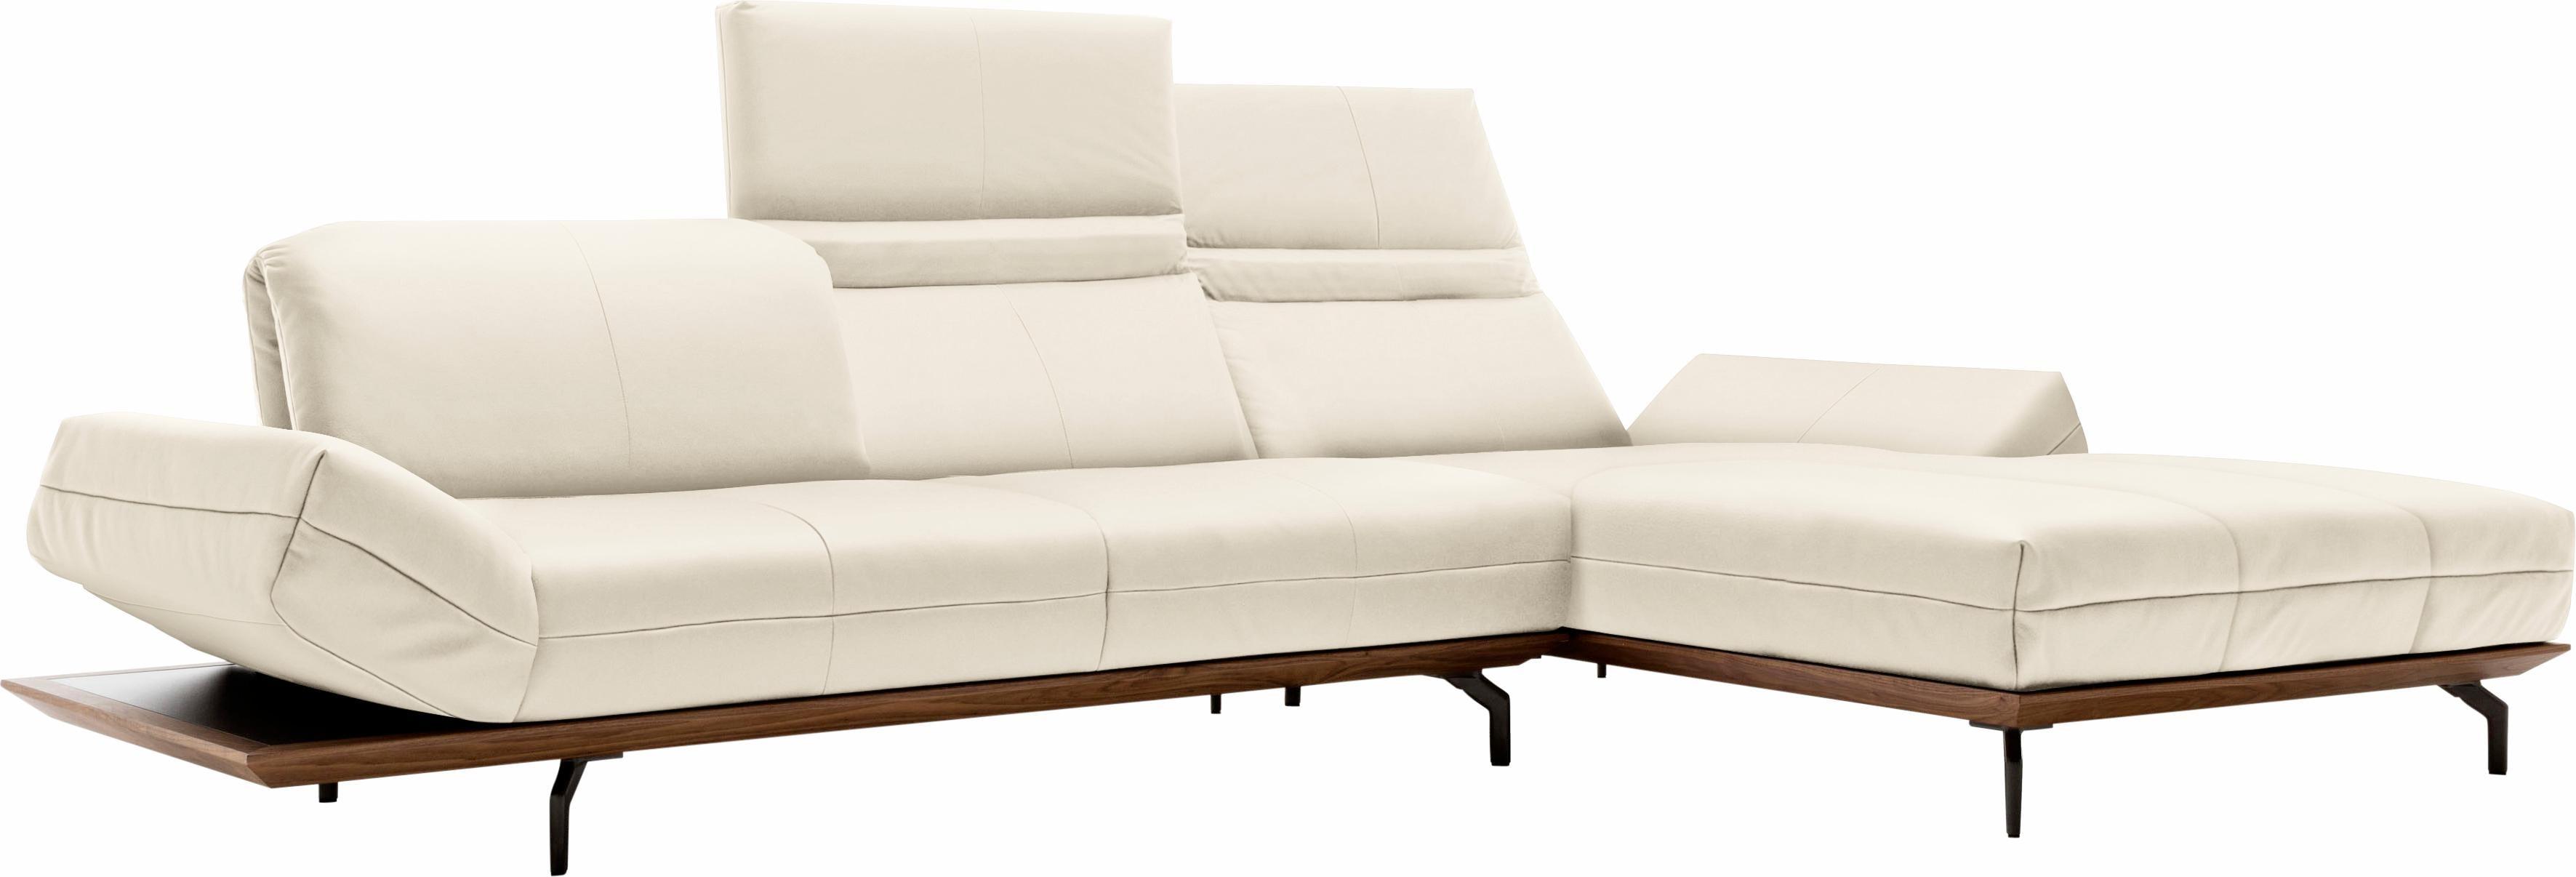 hülsta sofa Polsterecke »hs.420« mit Rücken- und Armlehnenverstellung | Wohnzimmer > Sofas & Couches > Ecksofas & Eckcouches | Flachgewebe - Polyester - Leder | HÜLSTA SOFA